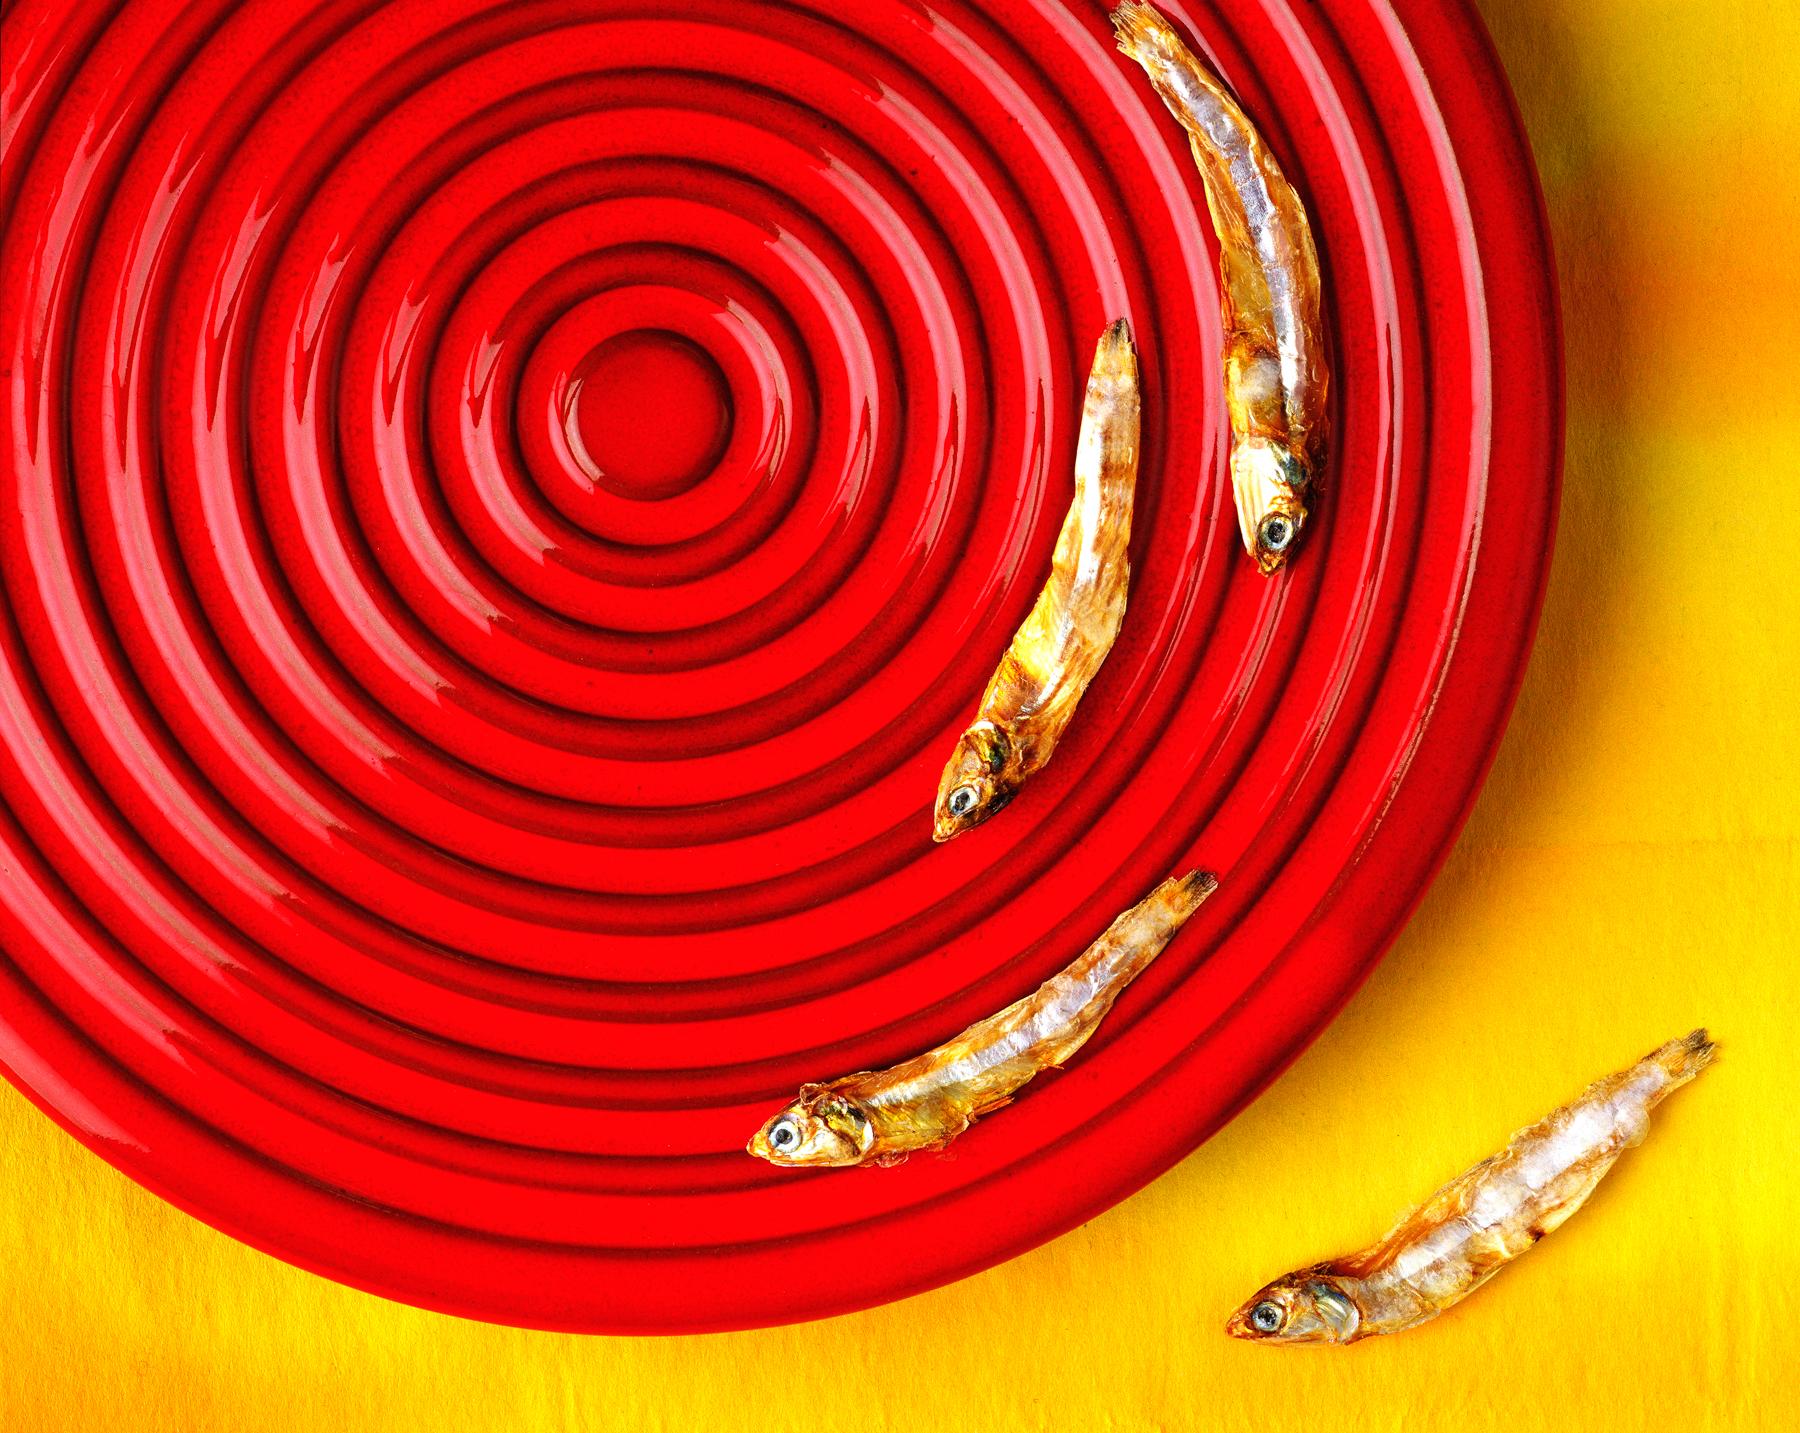 redPlateDriedFishVB copy.jpg